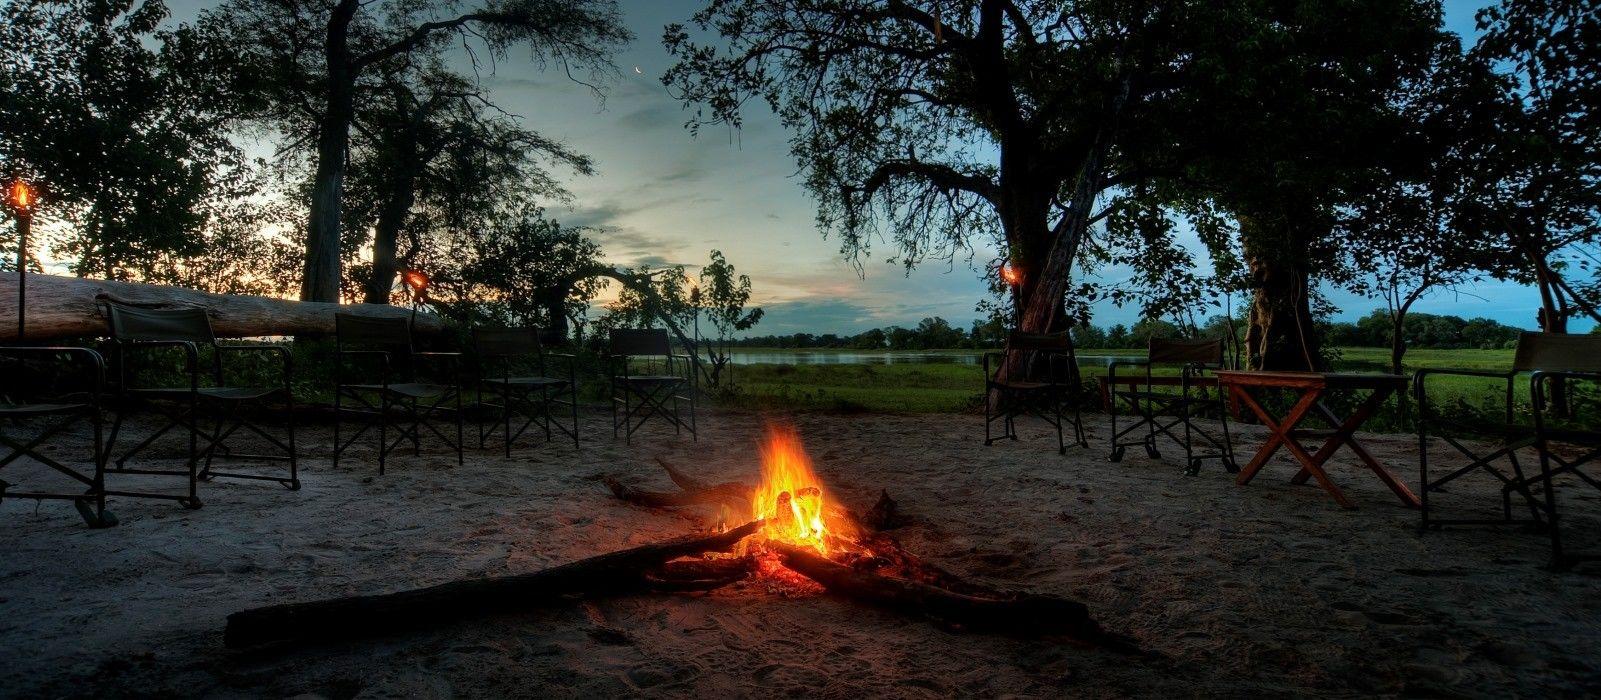 Lagerfeuer im afrikanischen Busch